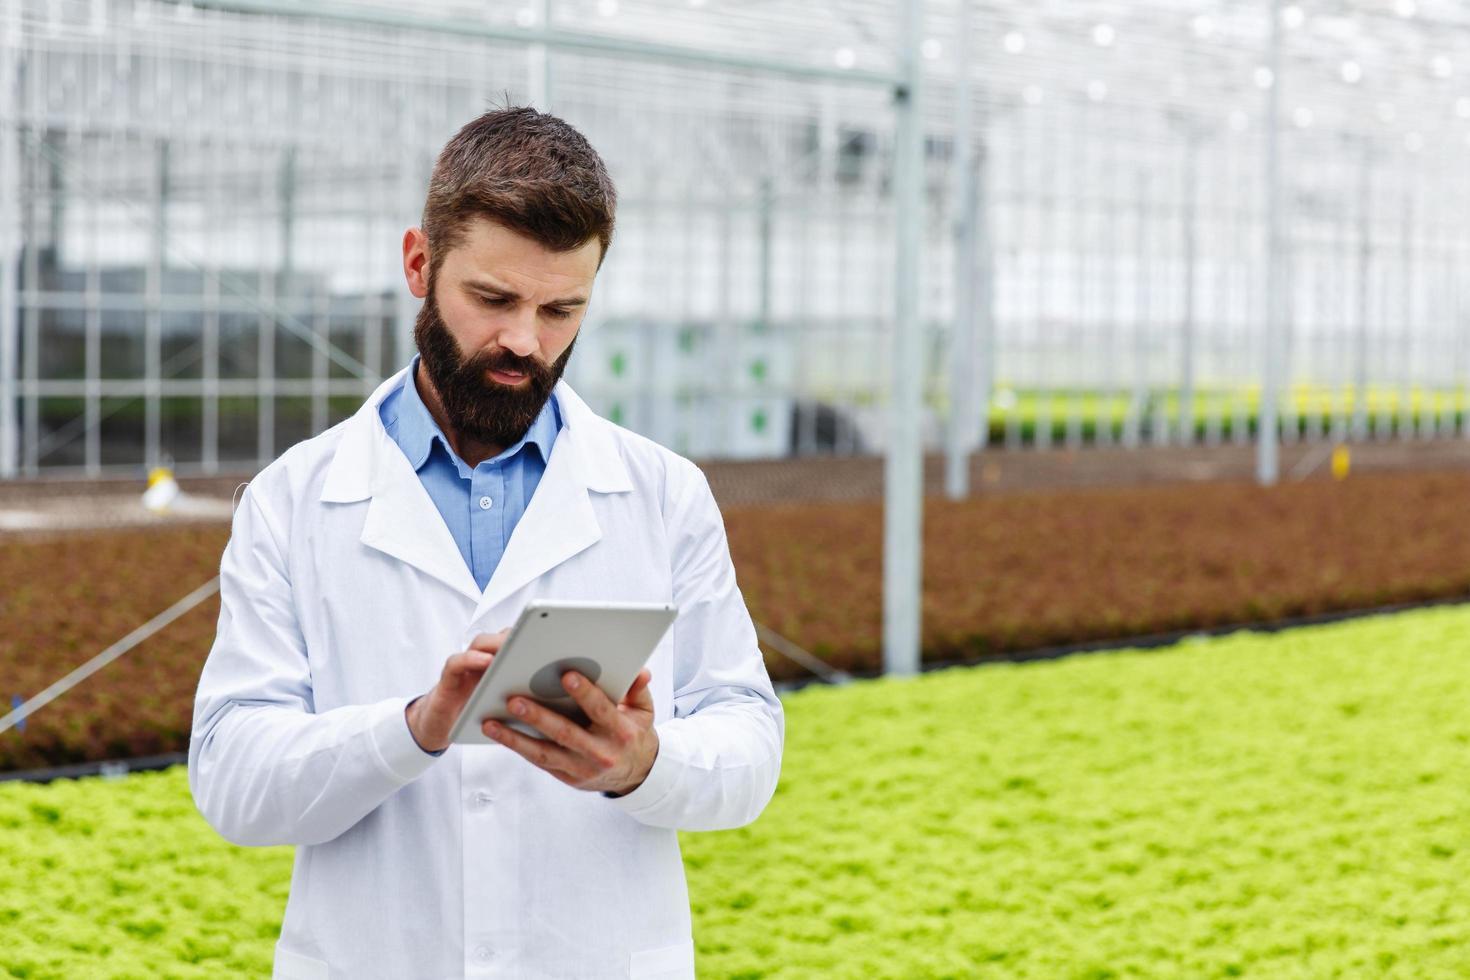 männlicher Forscher, der Pflanzen studiert foto